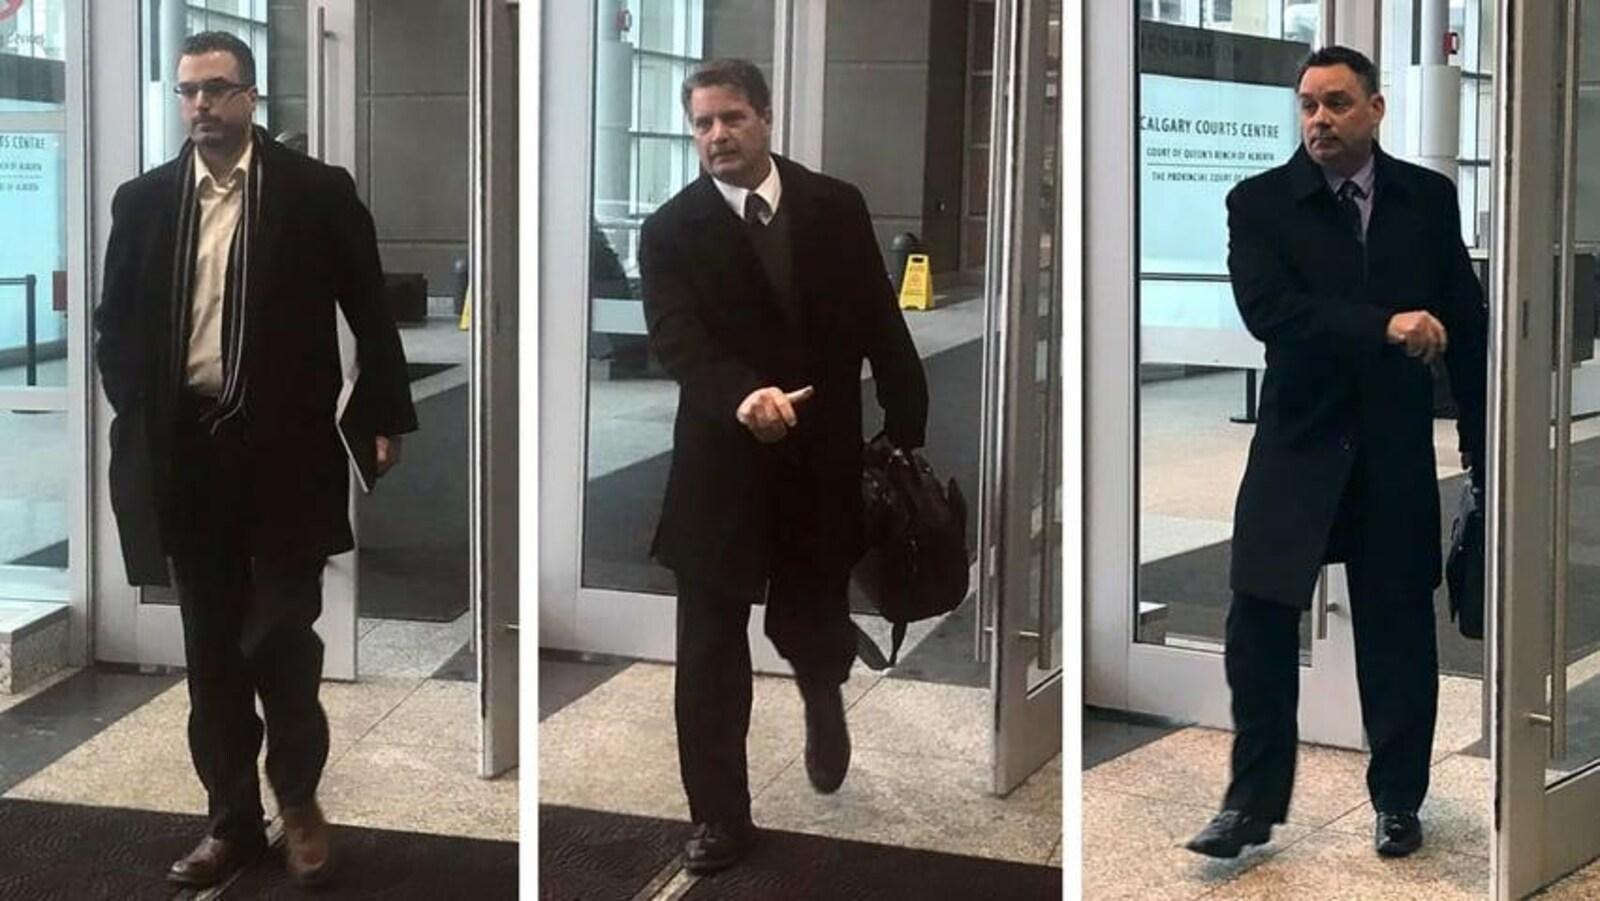 Un photo montage de trois photos collées les unes aux autres de chaque accusé entrant au palais de justice.